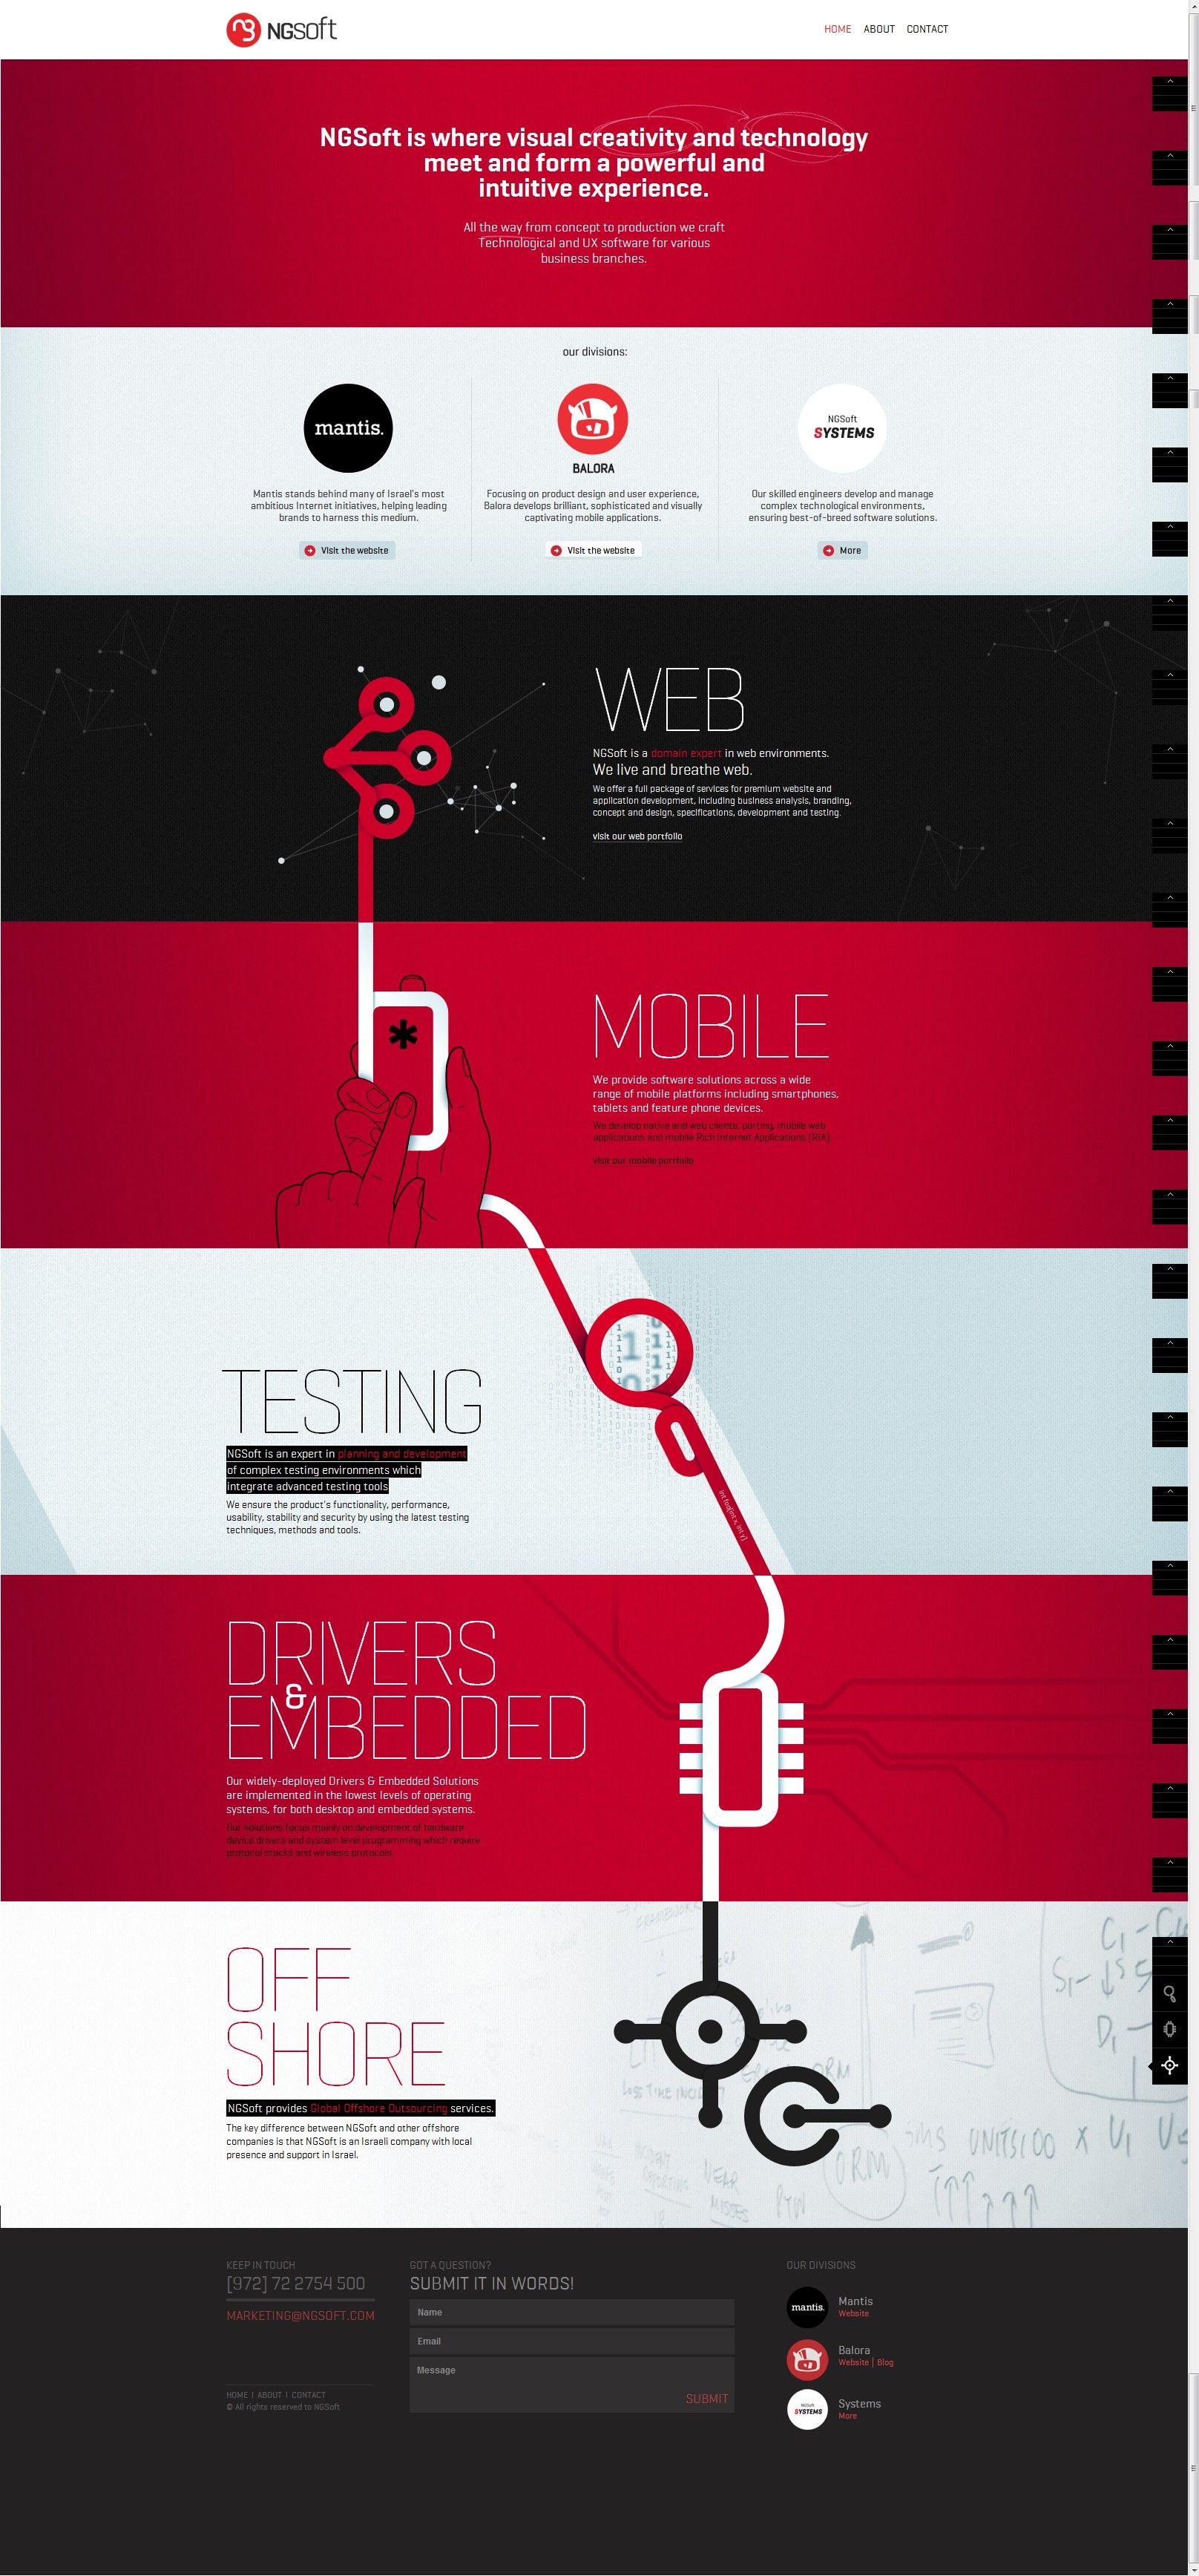 Colorful web design #design #web #development #dojicreative ...